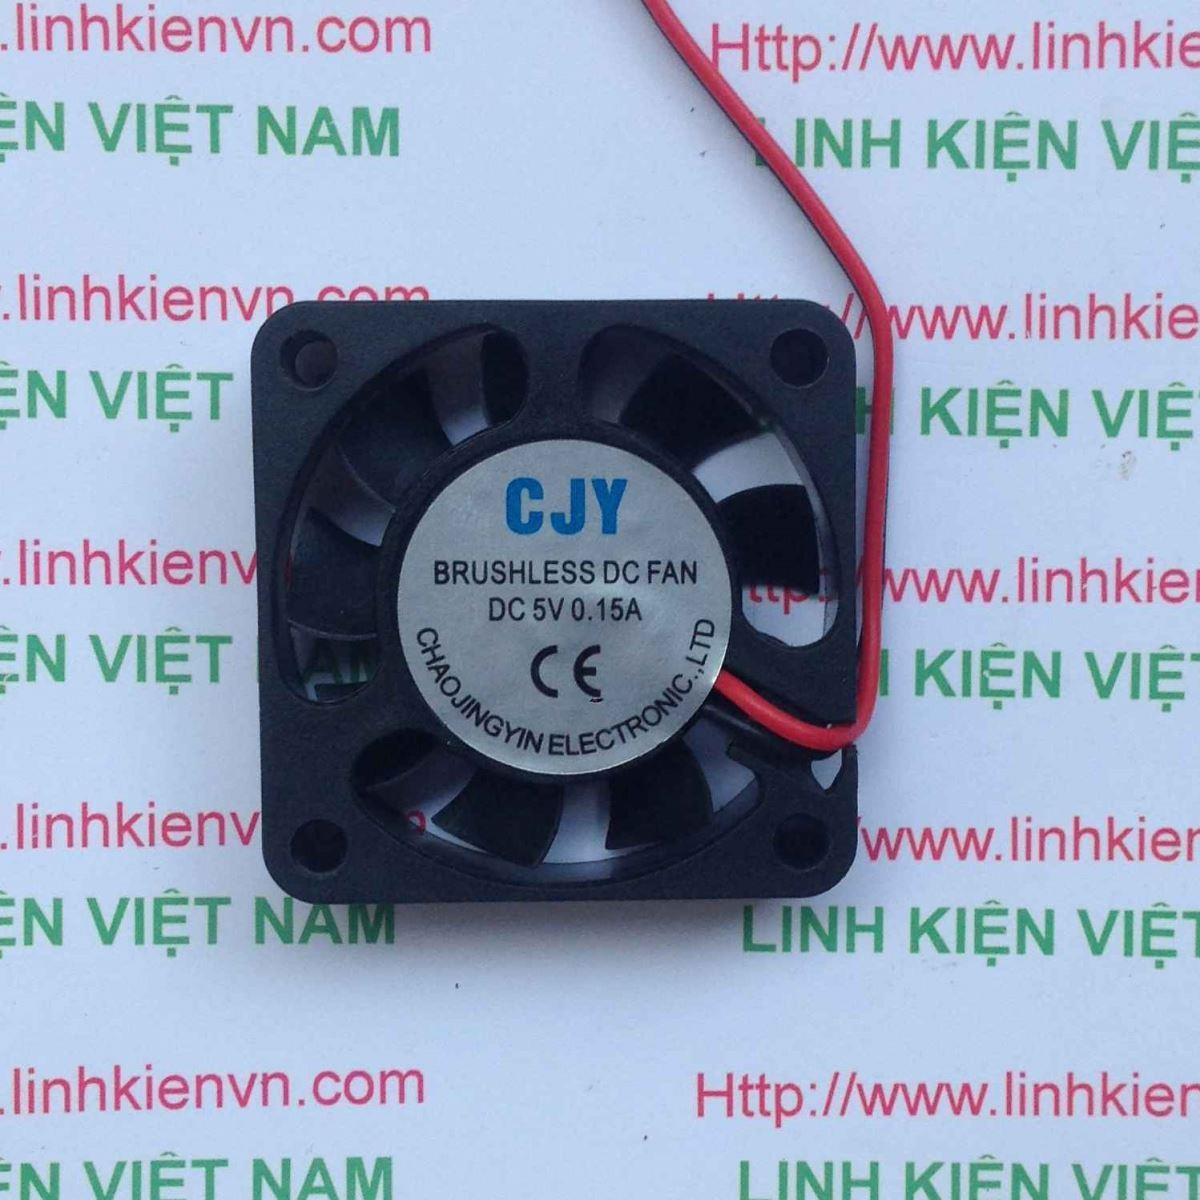 Quạt tản nhiệt 5V 4x4Cm / Quạt Fan 5V 4x4 Cm - G7H15